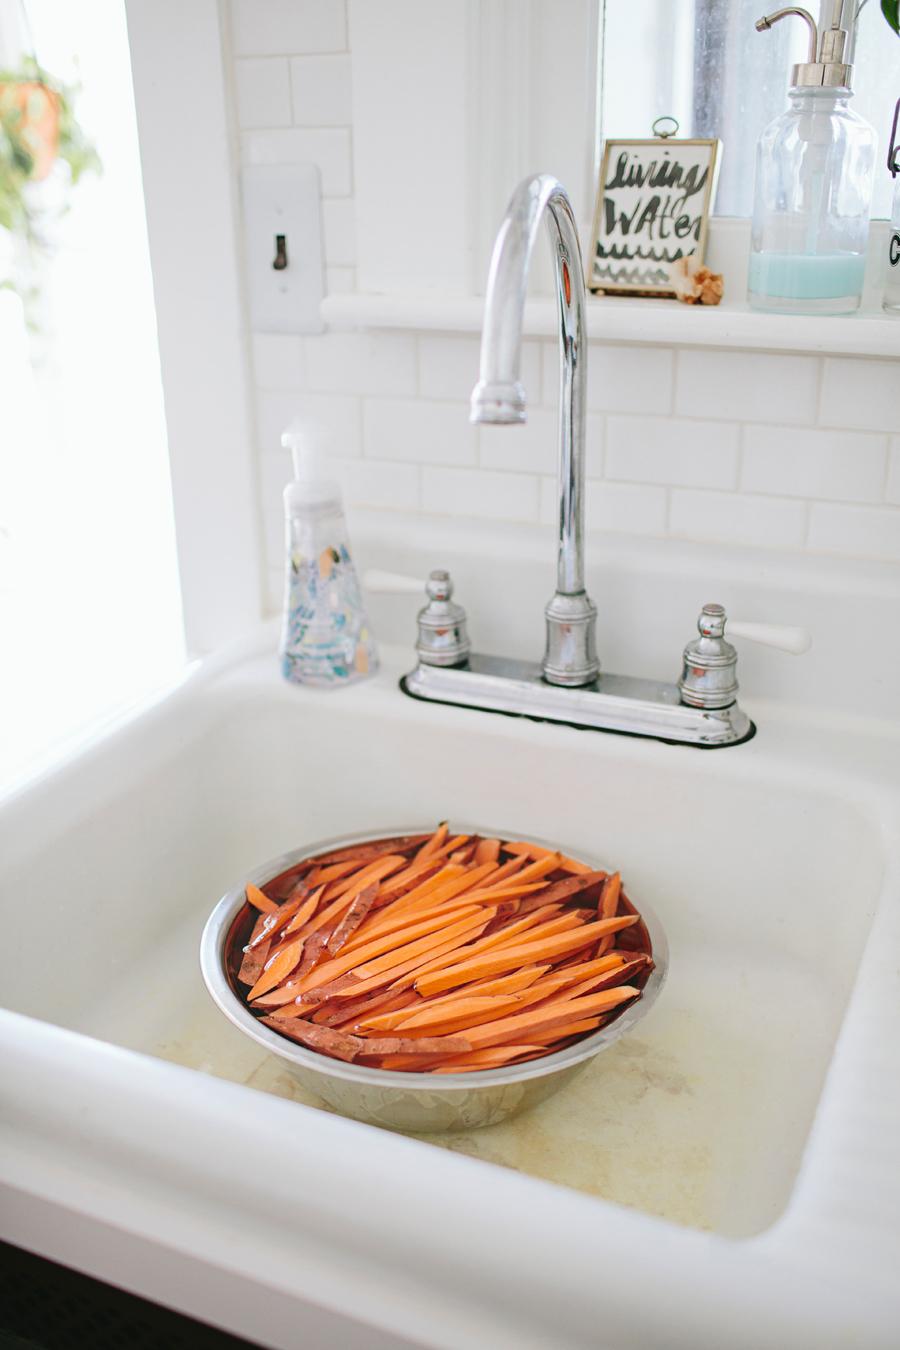 brookecourtney_sweetpotatofries_ovenbaked_frysauce-5.jpg